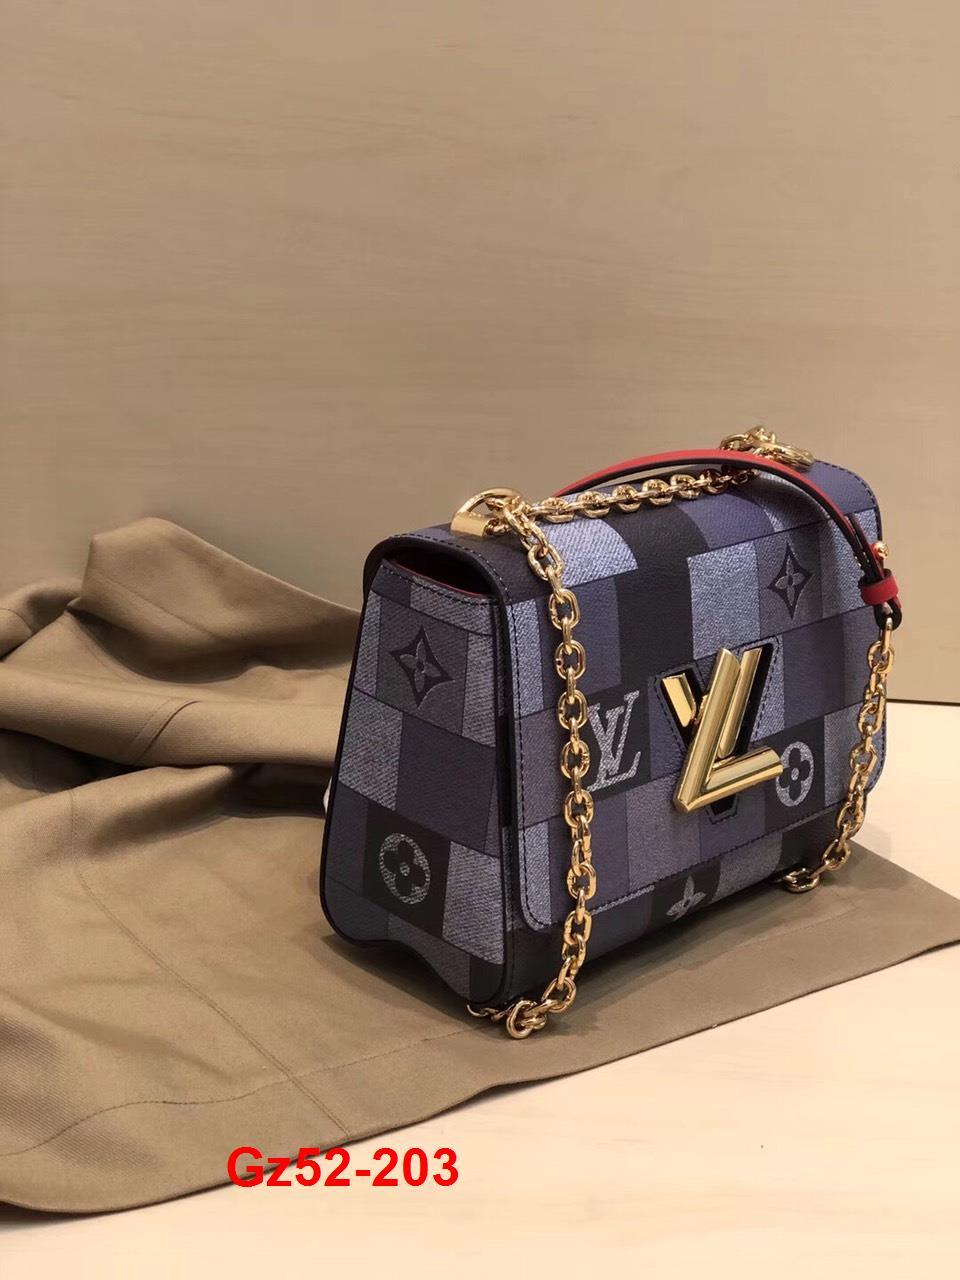 Gz52-203 Louis Vuitton túi size 23cm siêu cấp